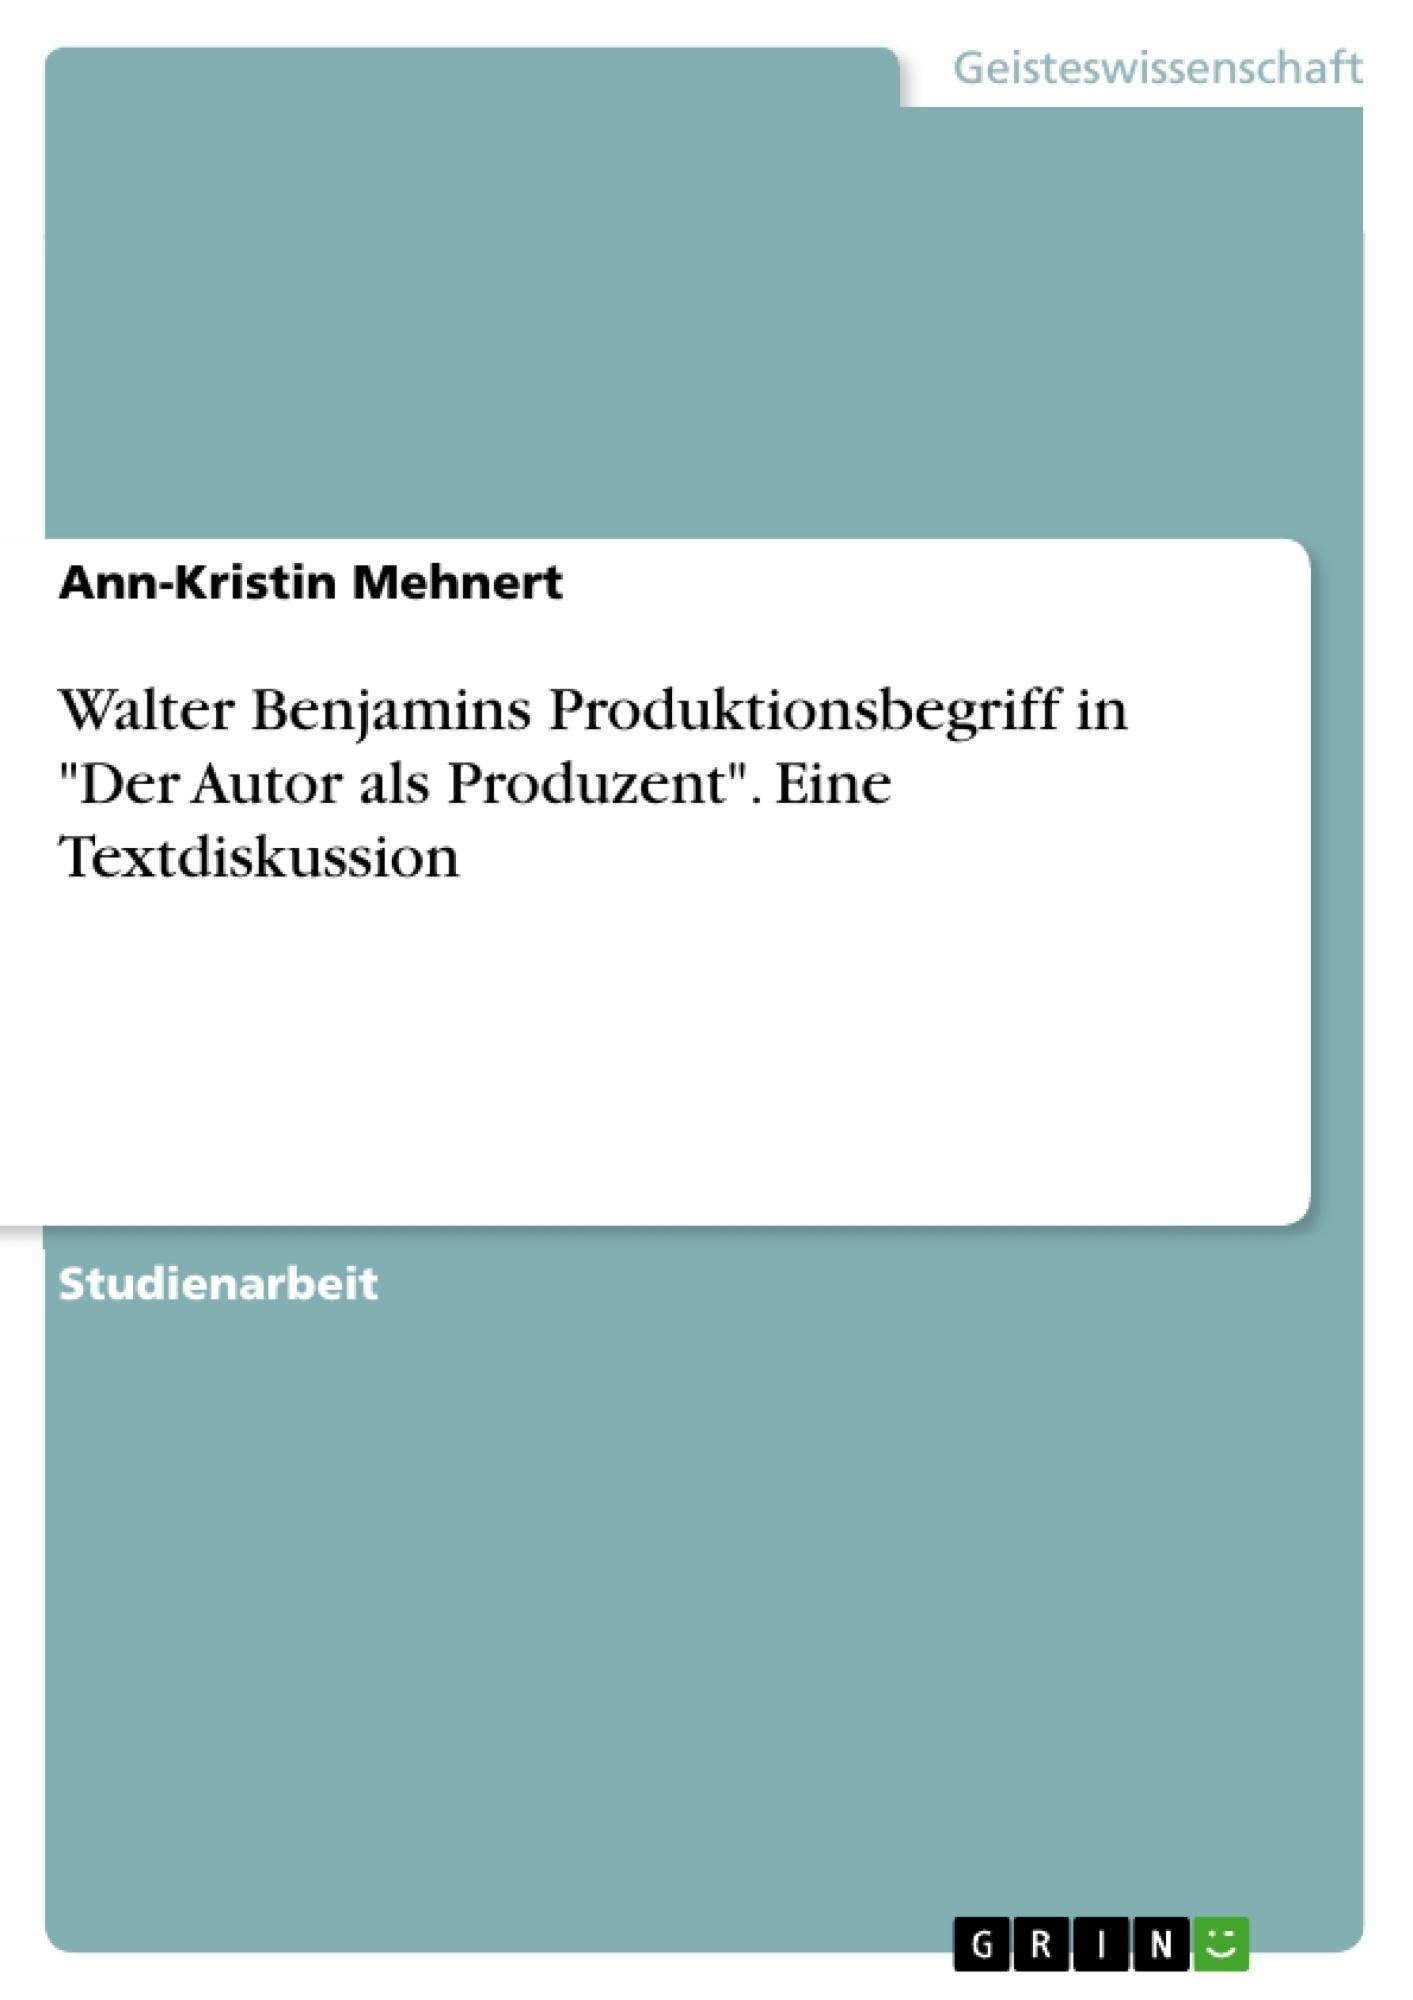 """Titel: Walter Benjamins Produktionsbegriff in """"Der Autor als Produzent"""". Eine Textdiskussion"""